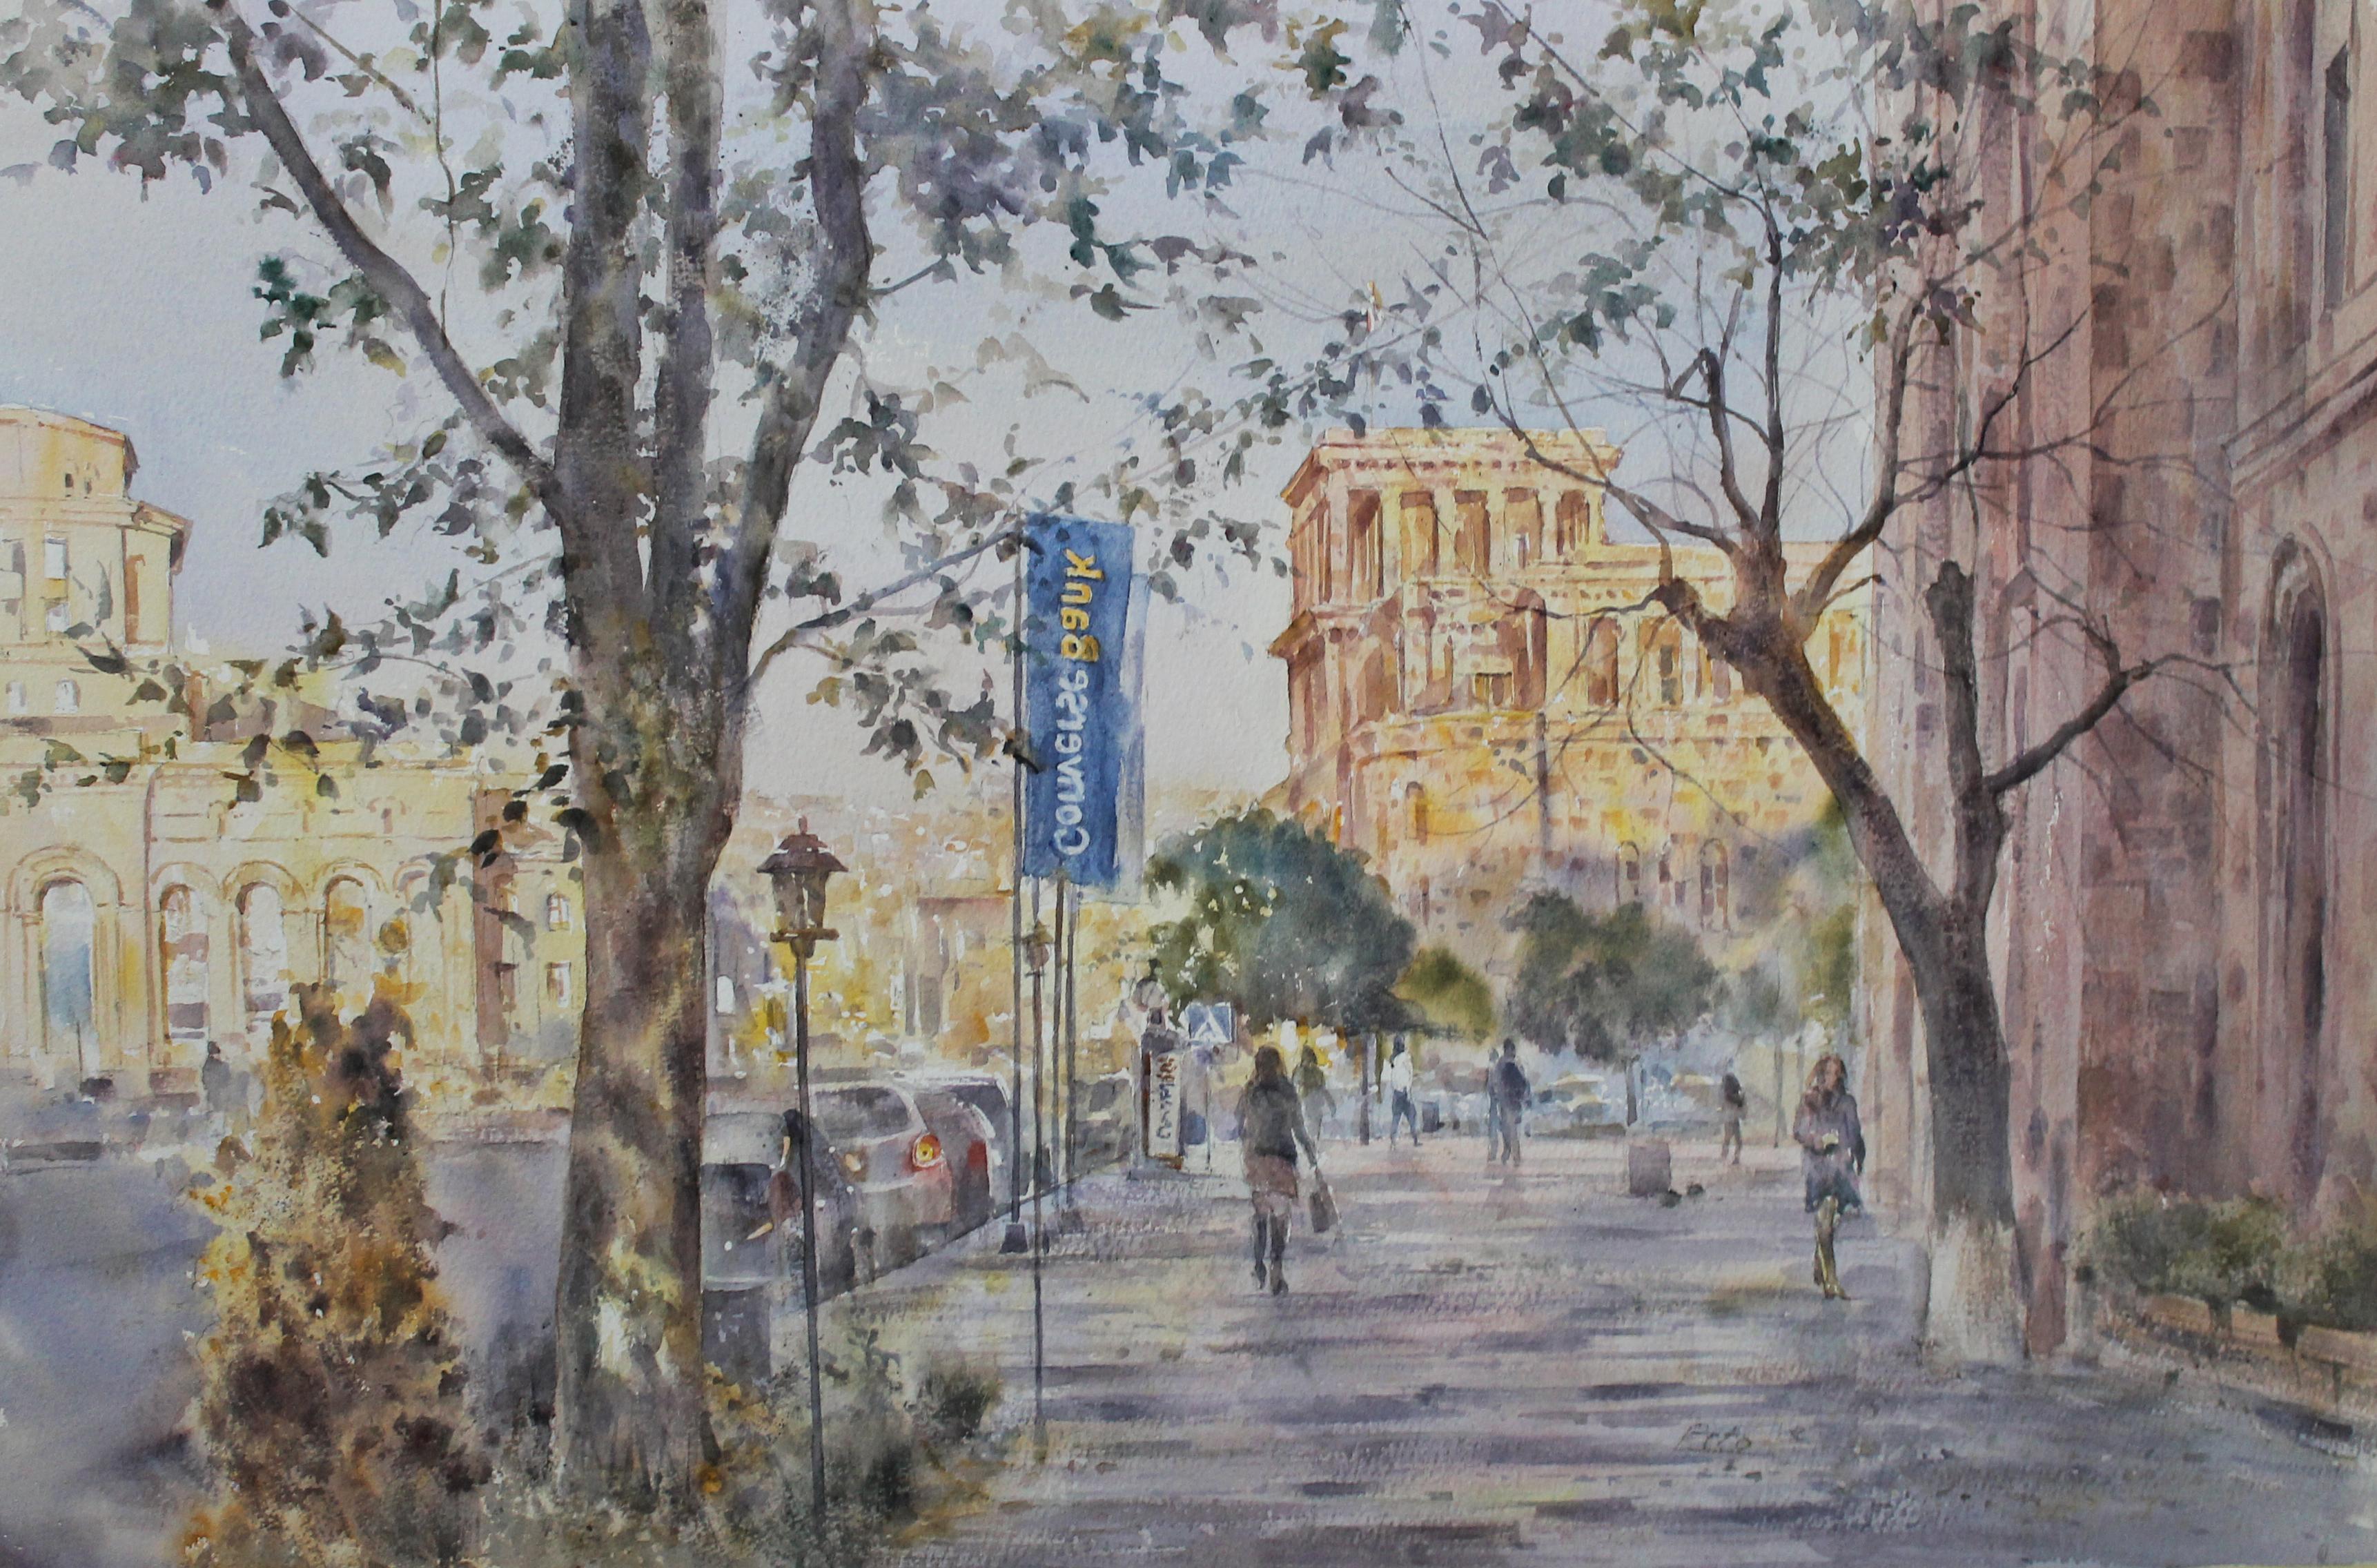 Конверс Банк: началась выставка работ художника Пето Погосяна